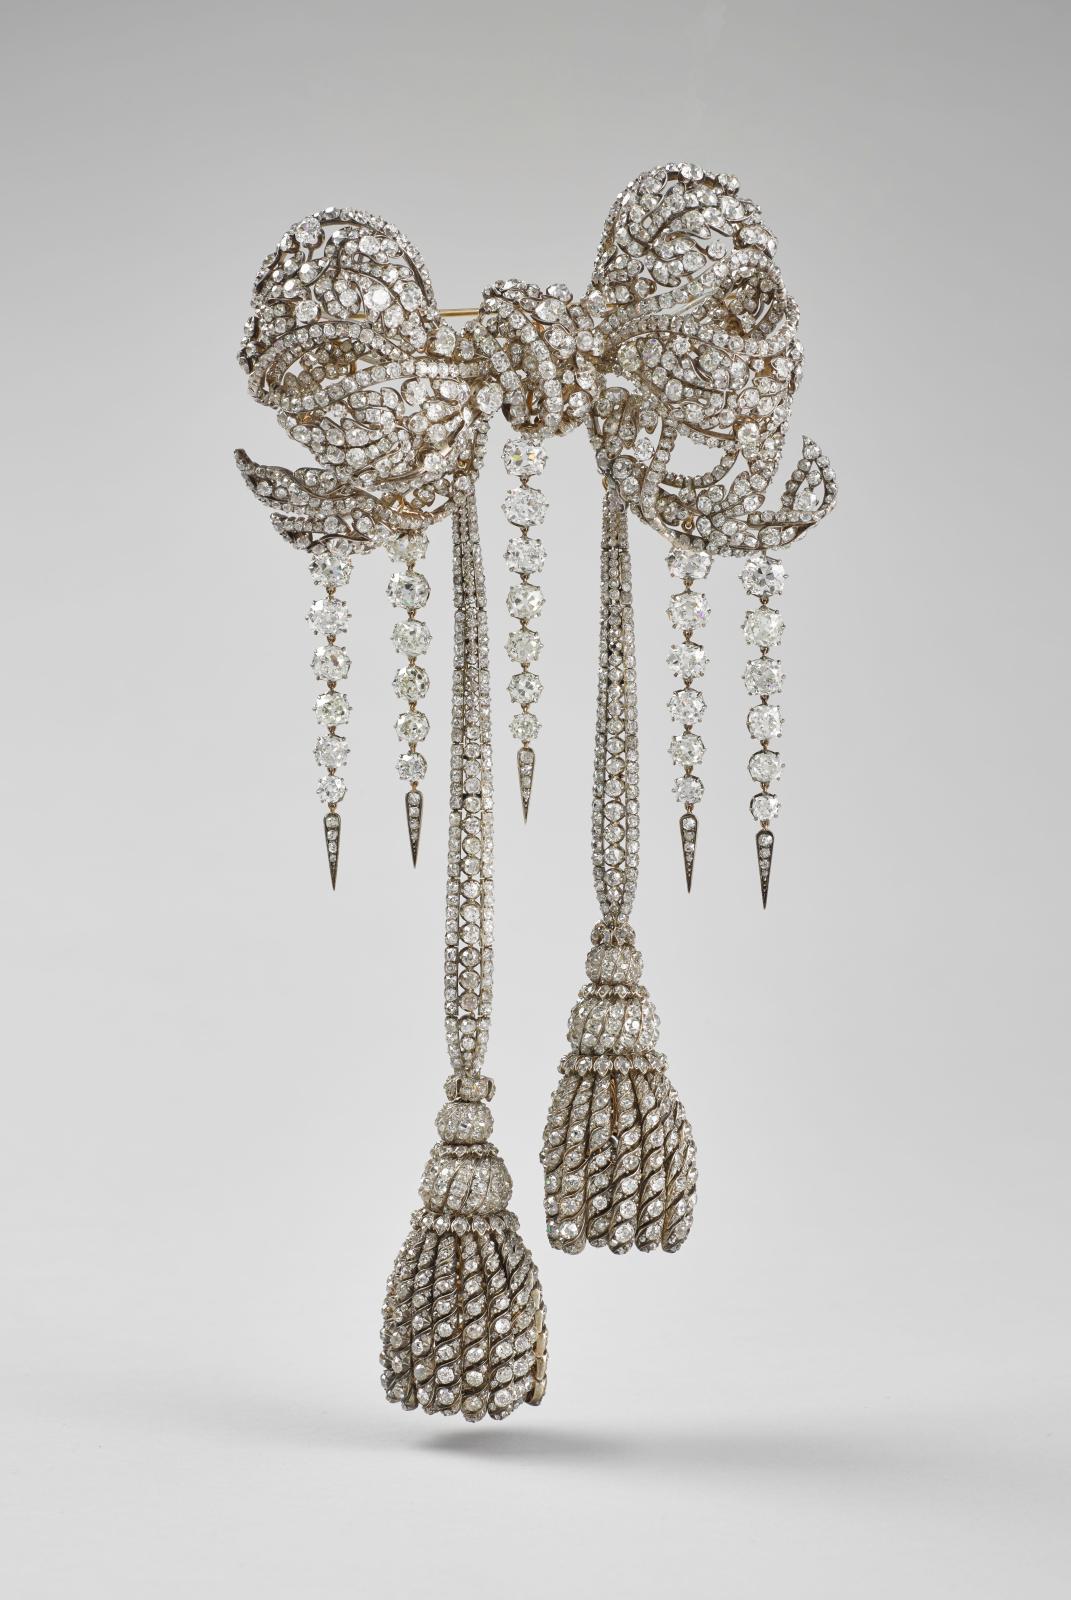 François Kramer, grand nœud de corsage de l'impératrice Eugénie, Paris, 1855 et 1864, diamants brillantéset rose, argent doublé or. ©RMN